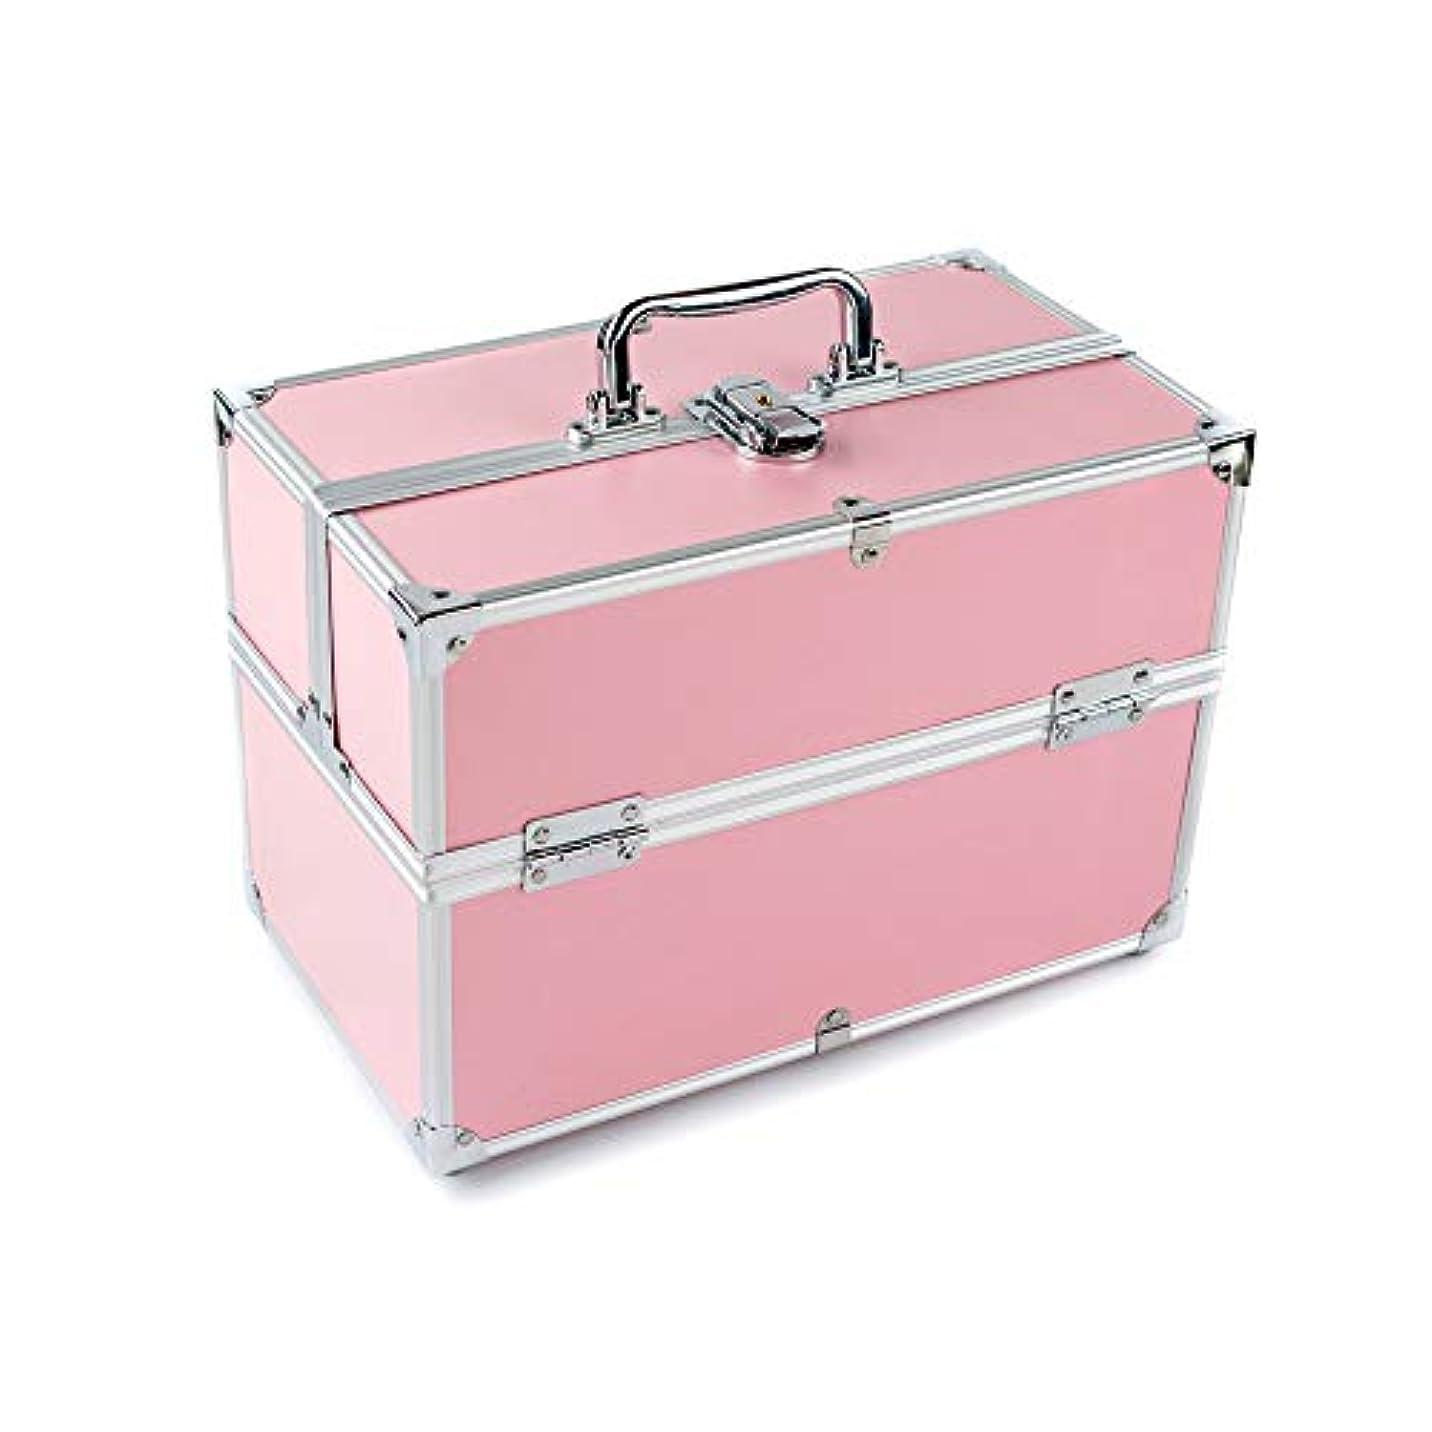 準備する標準ステレオ特大スペース収納ビューティーボックス 美の構造のためそしてジッパーおよび折る皿が付いている女の子の女性旅行そして毎日の貯蔵のための高容量の携帯用化粧品袋 化粧品化粧台 (色 : ピンク)